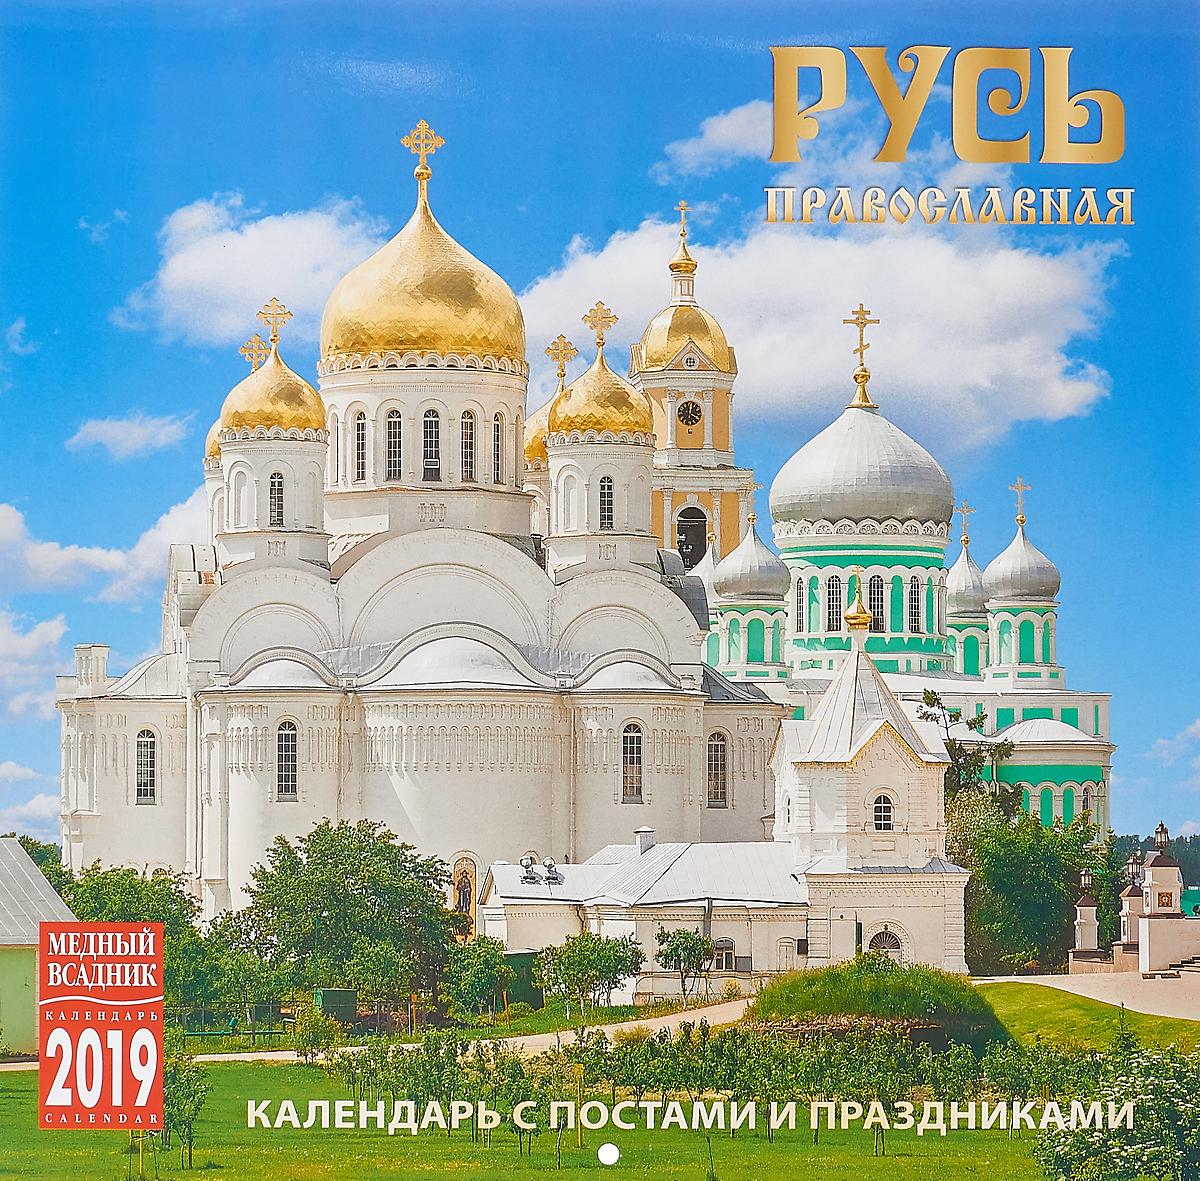 Календарь на спирали на 2019 год. Русь православная календарь на спирали на 2019 год русь православная